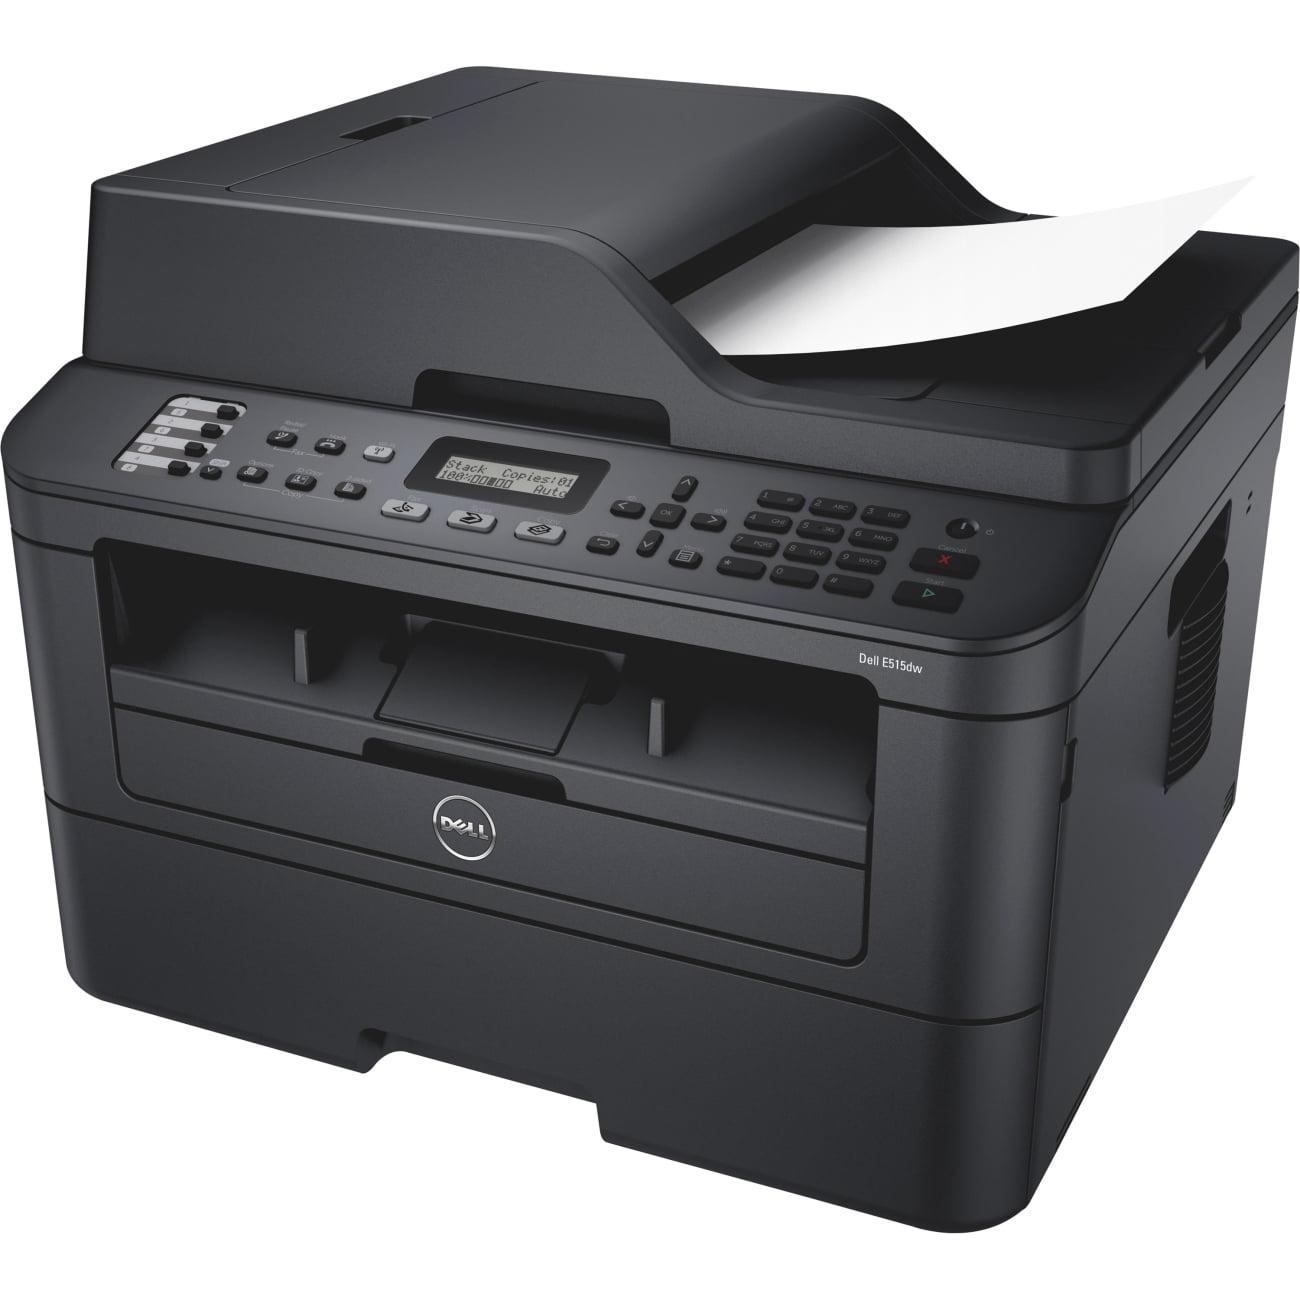 Dell Multifunction Printer - E515dw